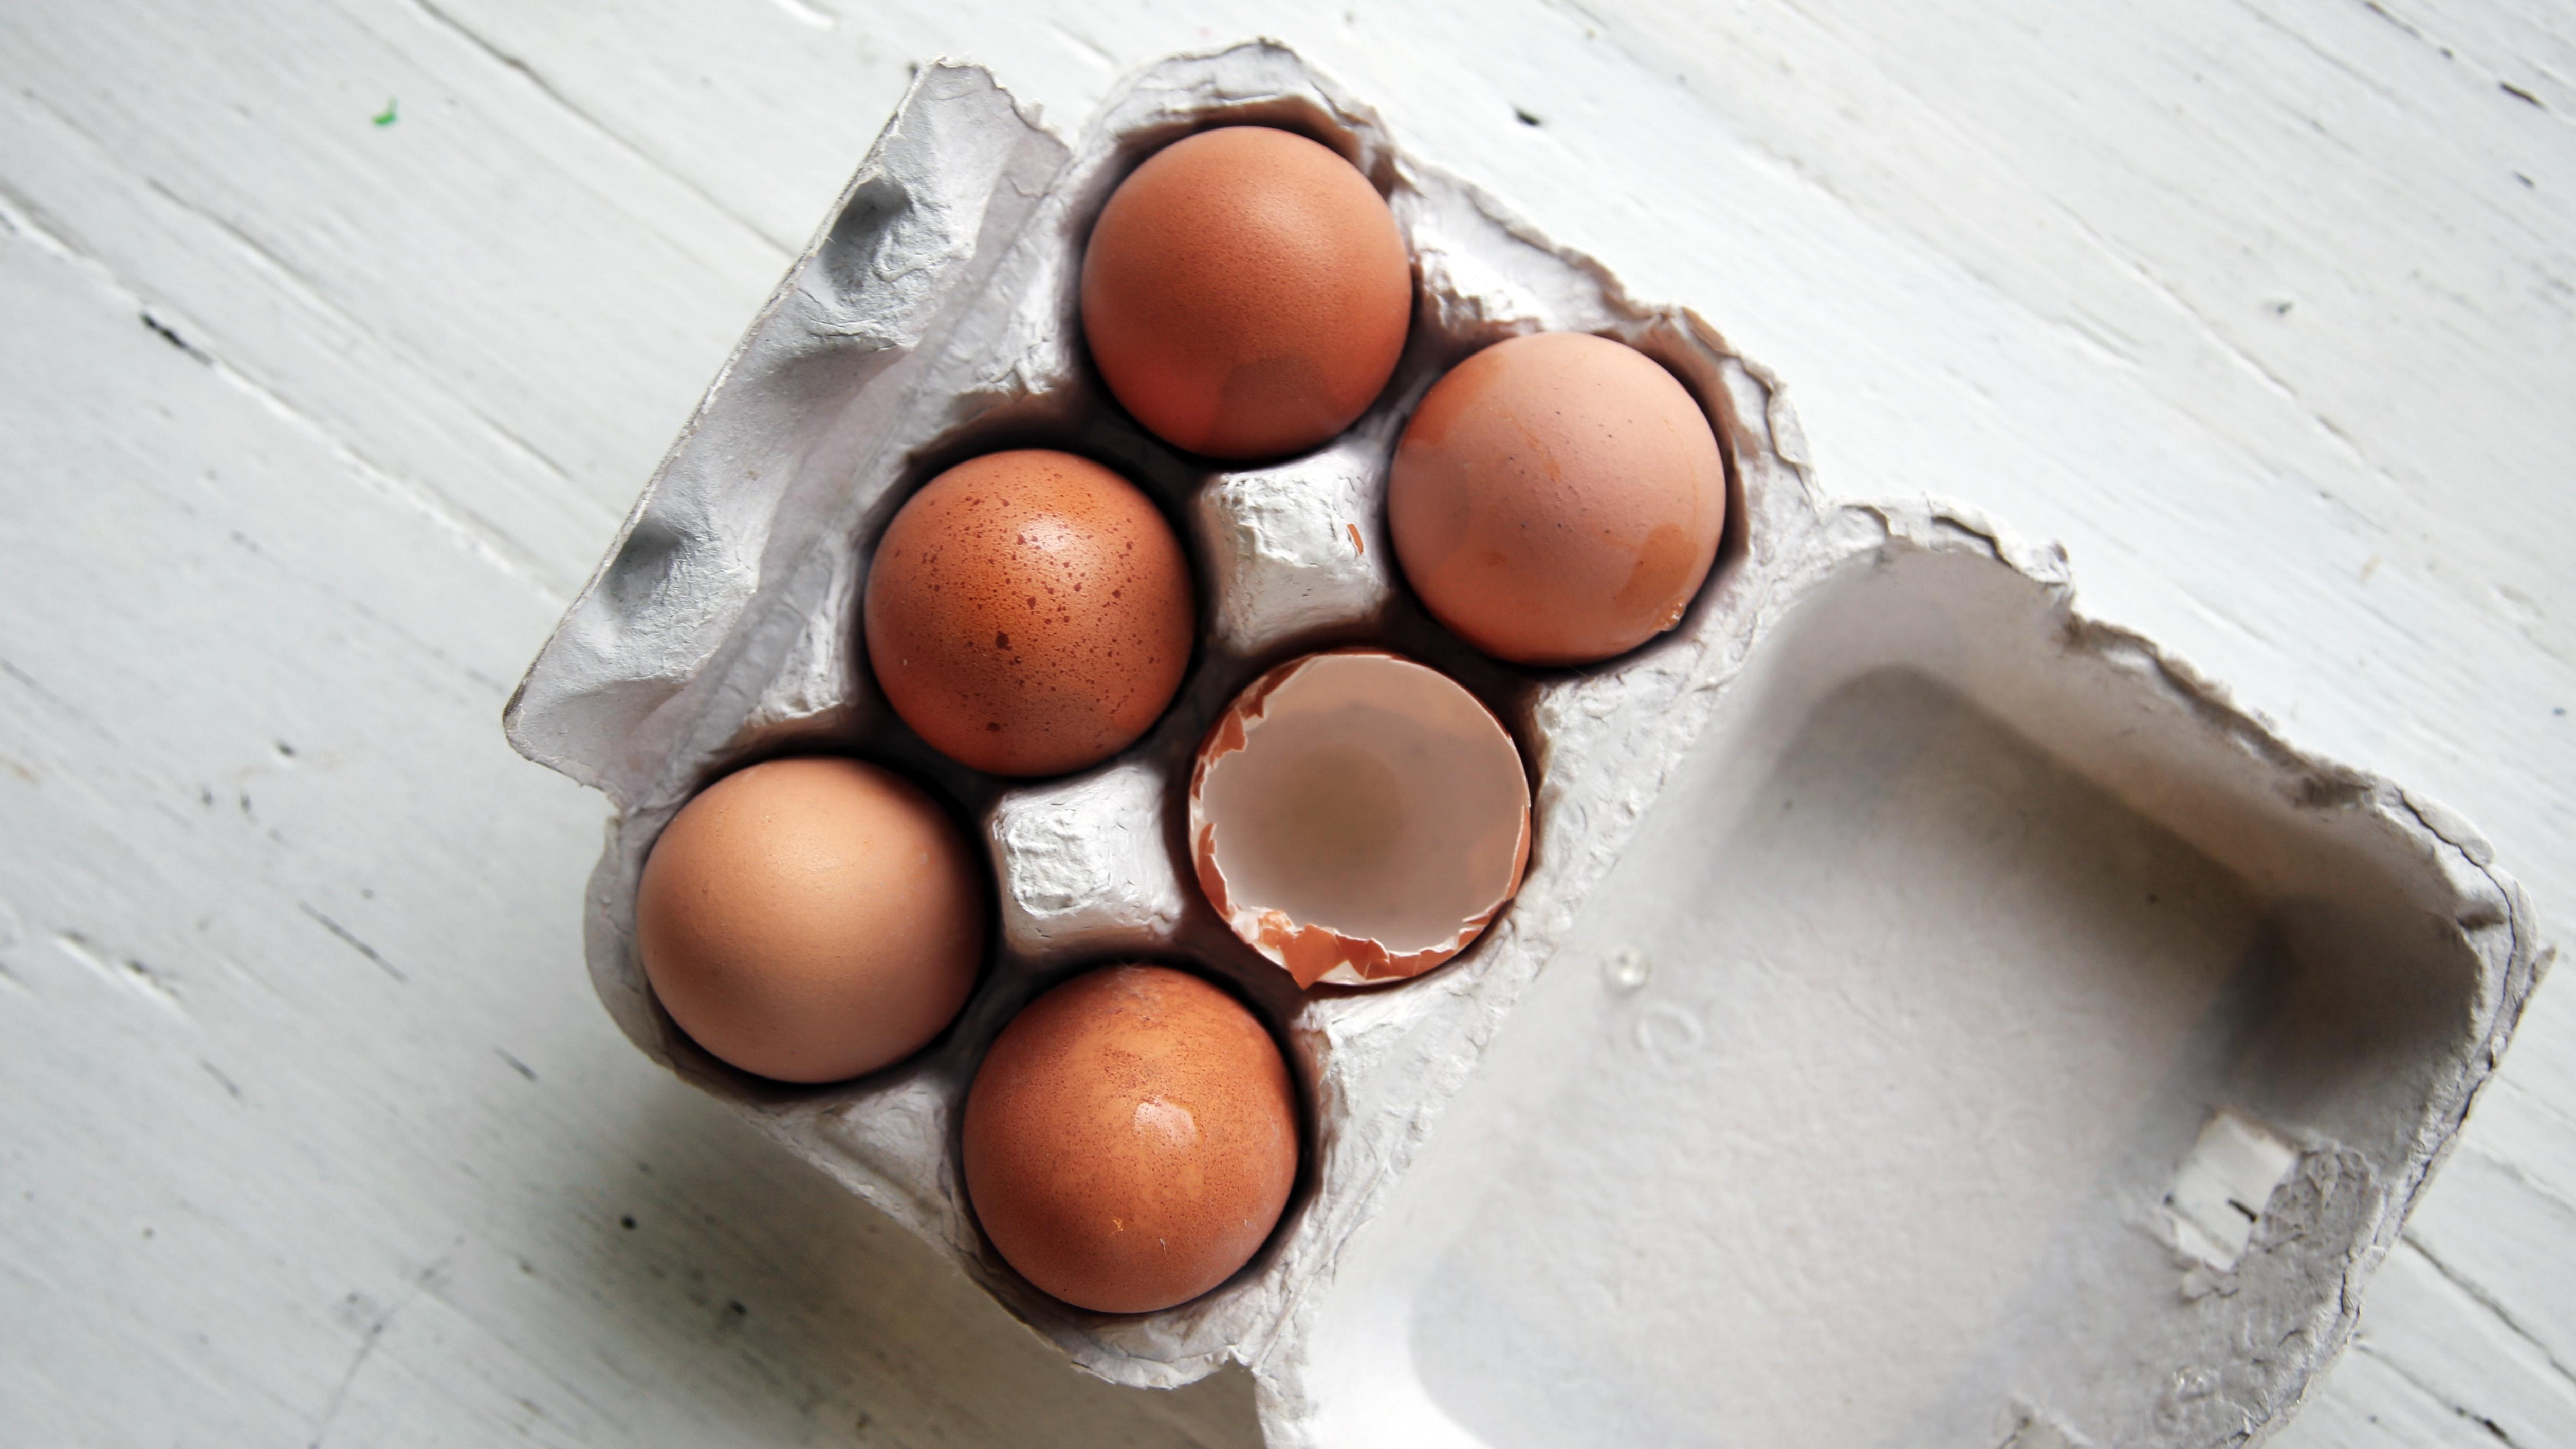 Diese Packung Eier auf dem Tisch kann die zusätzliche Menge an Protein am Tag liefern, die die Coronavirus-Hochrisikogruppe benötigt, um ein schwaches Immunsystem natürlich zu stärken